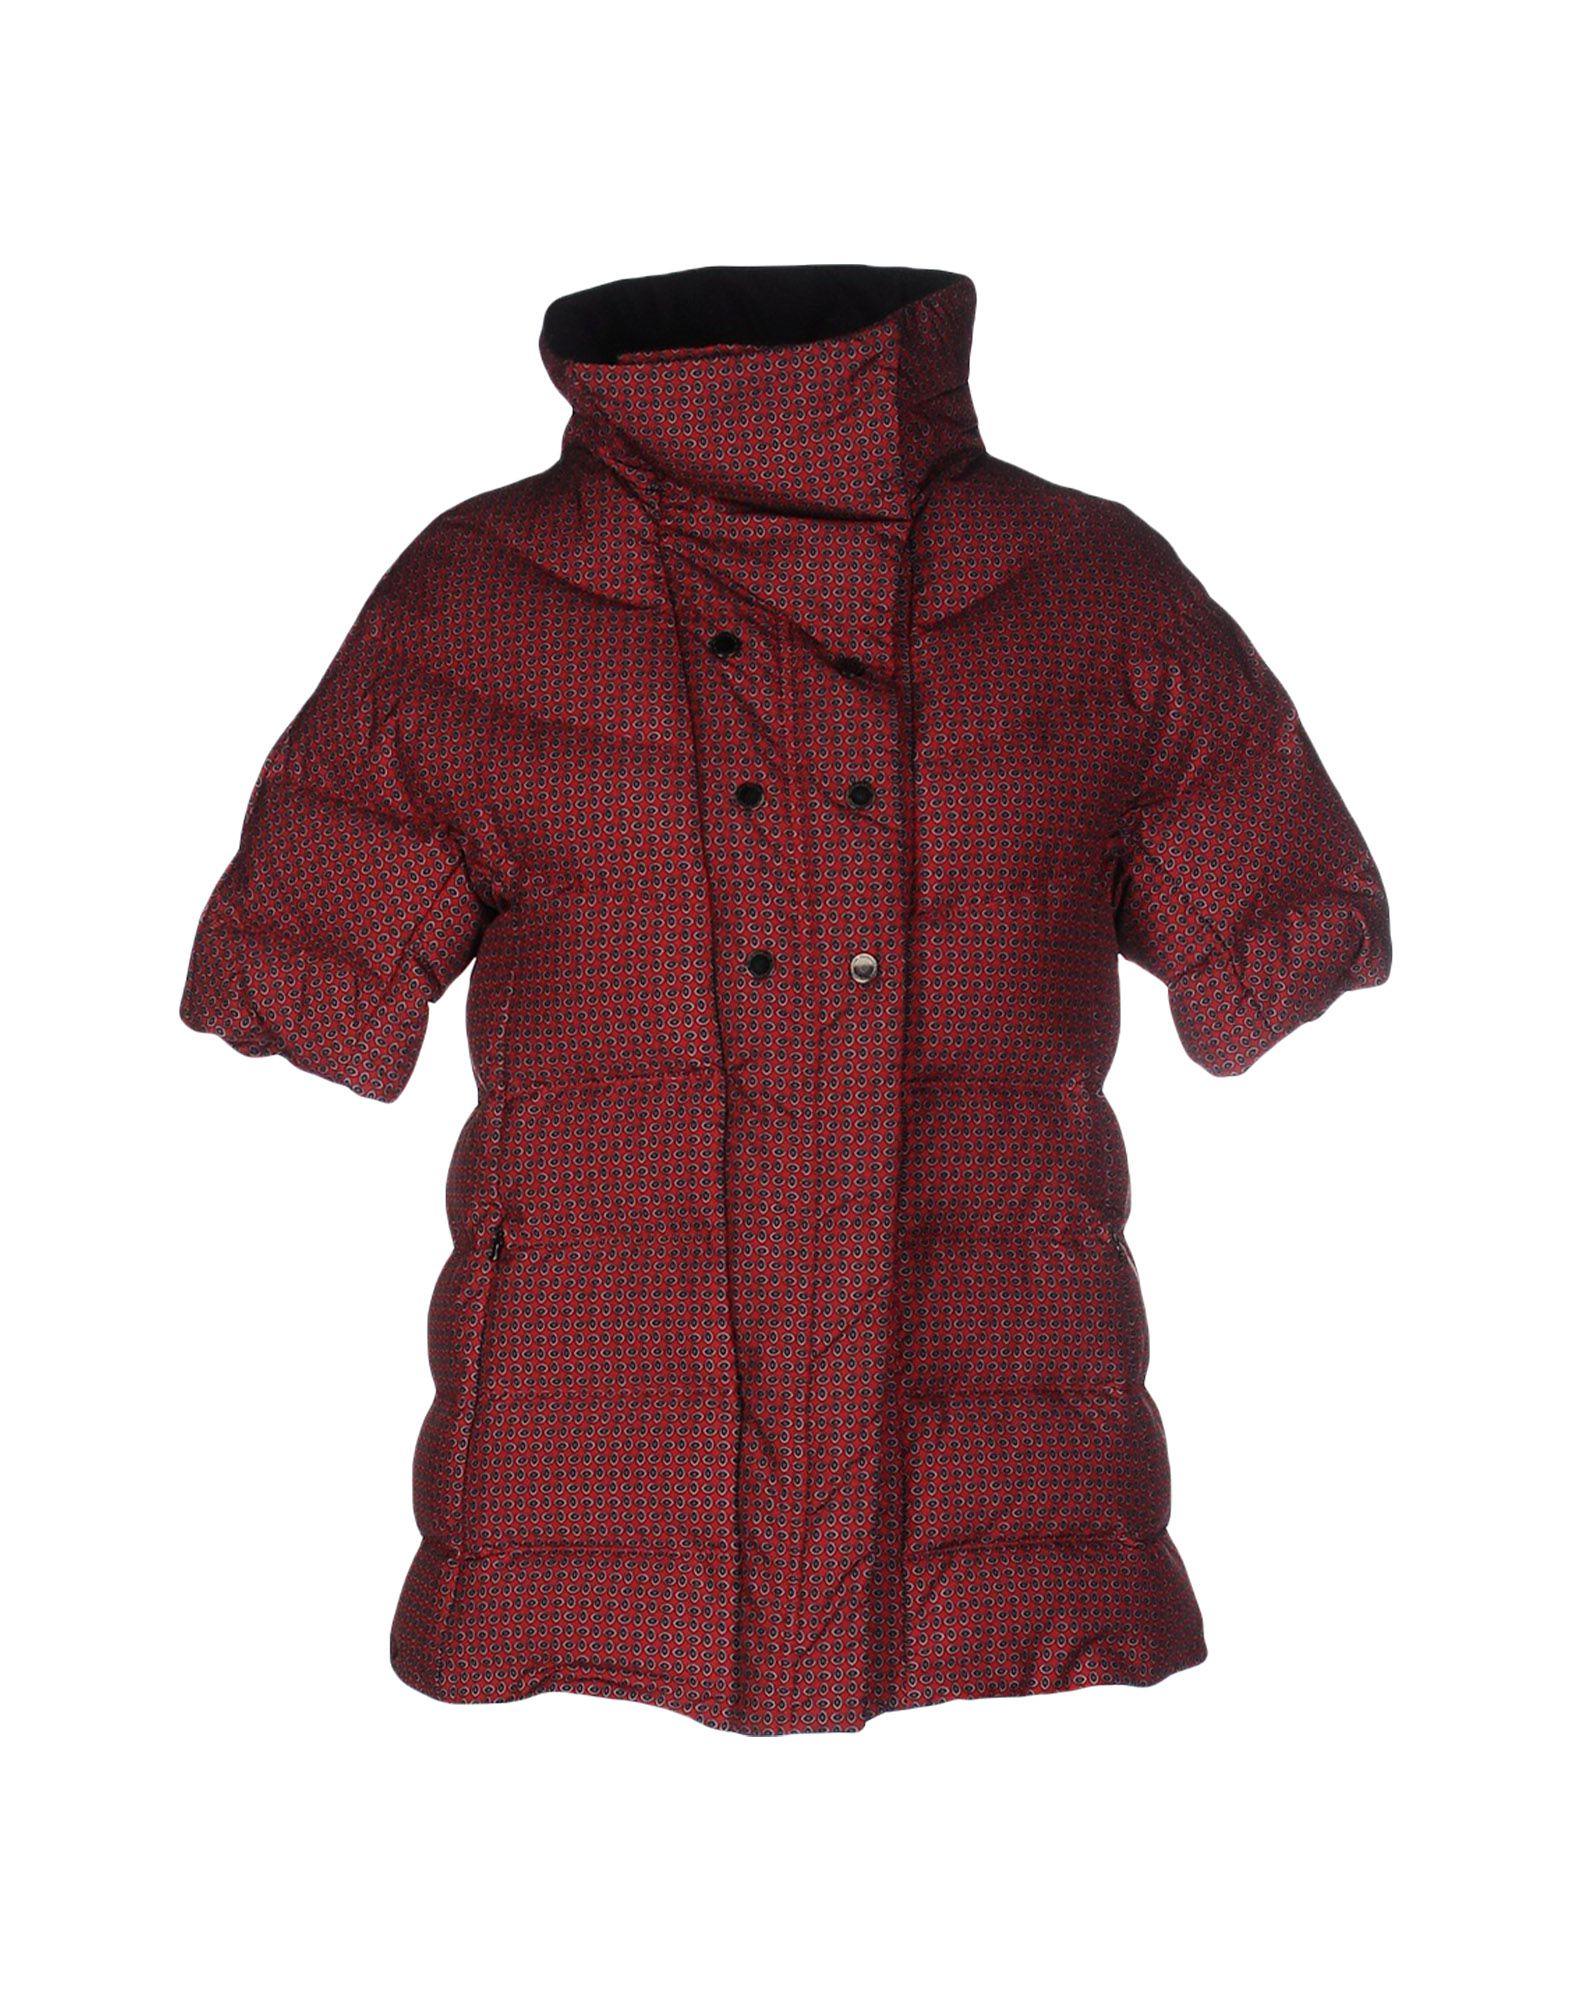 harmont and blaine jacket - photo #47